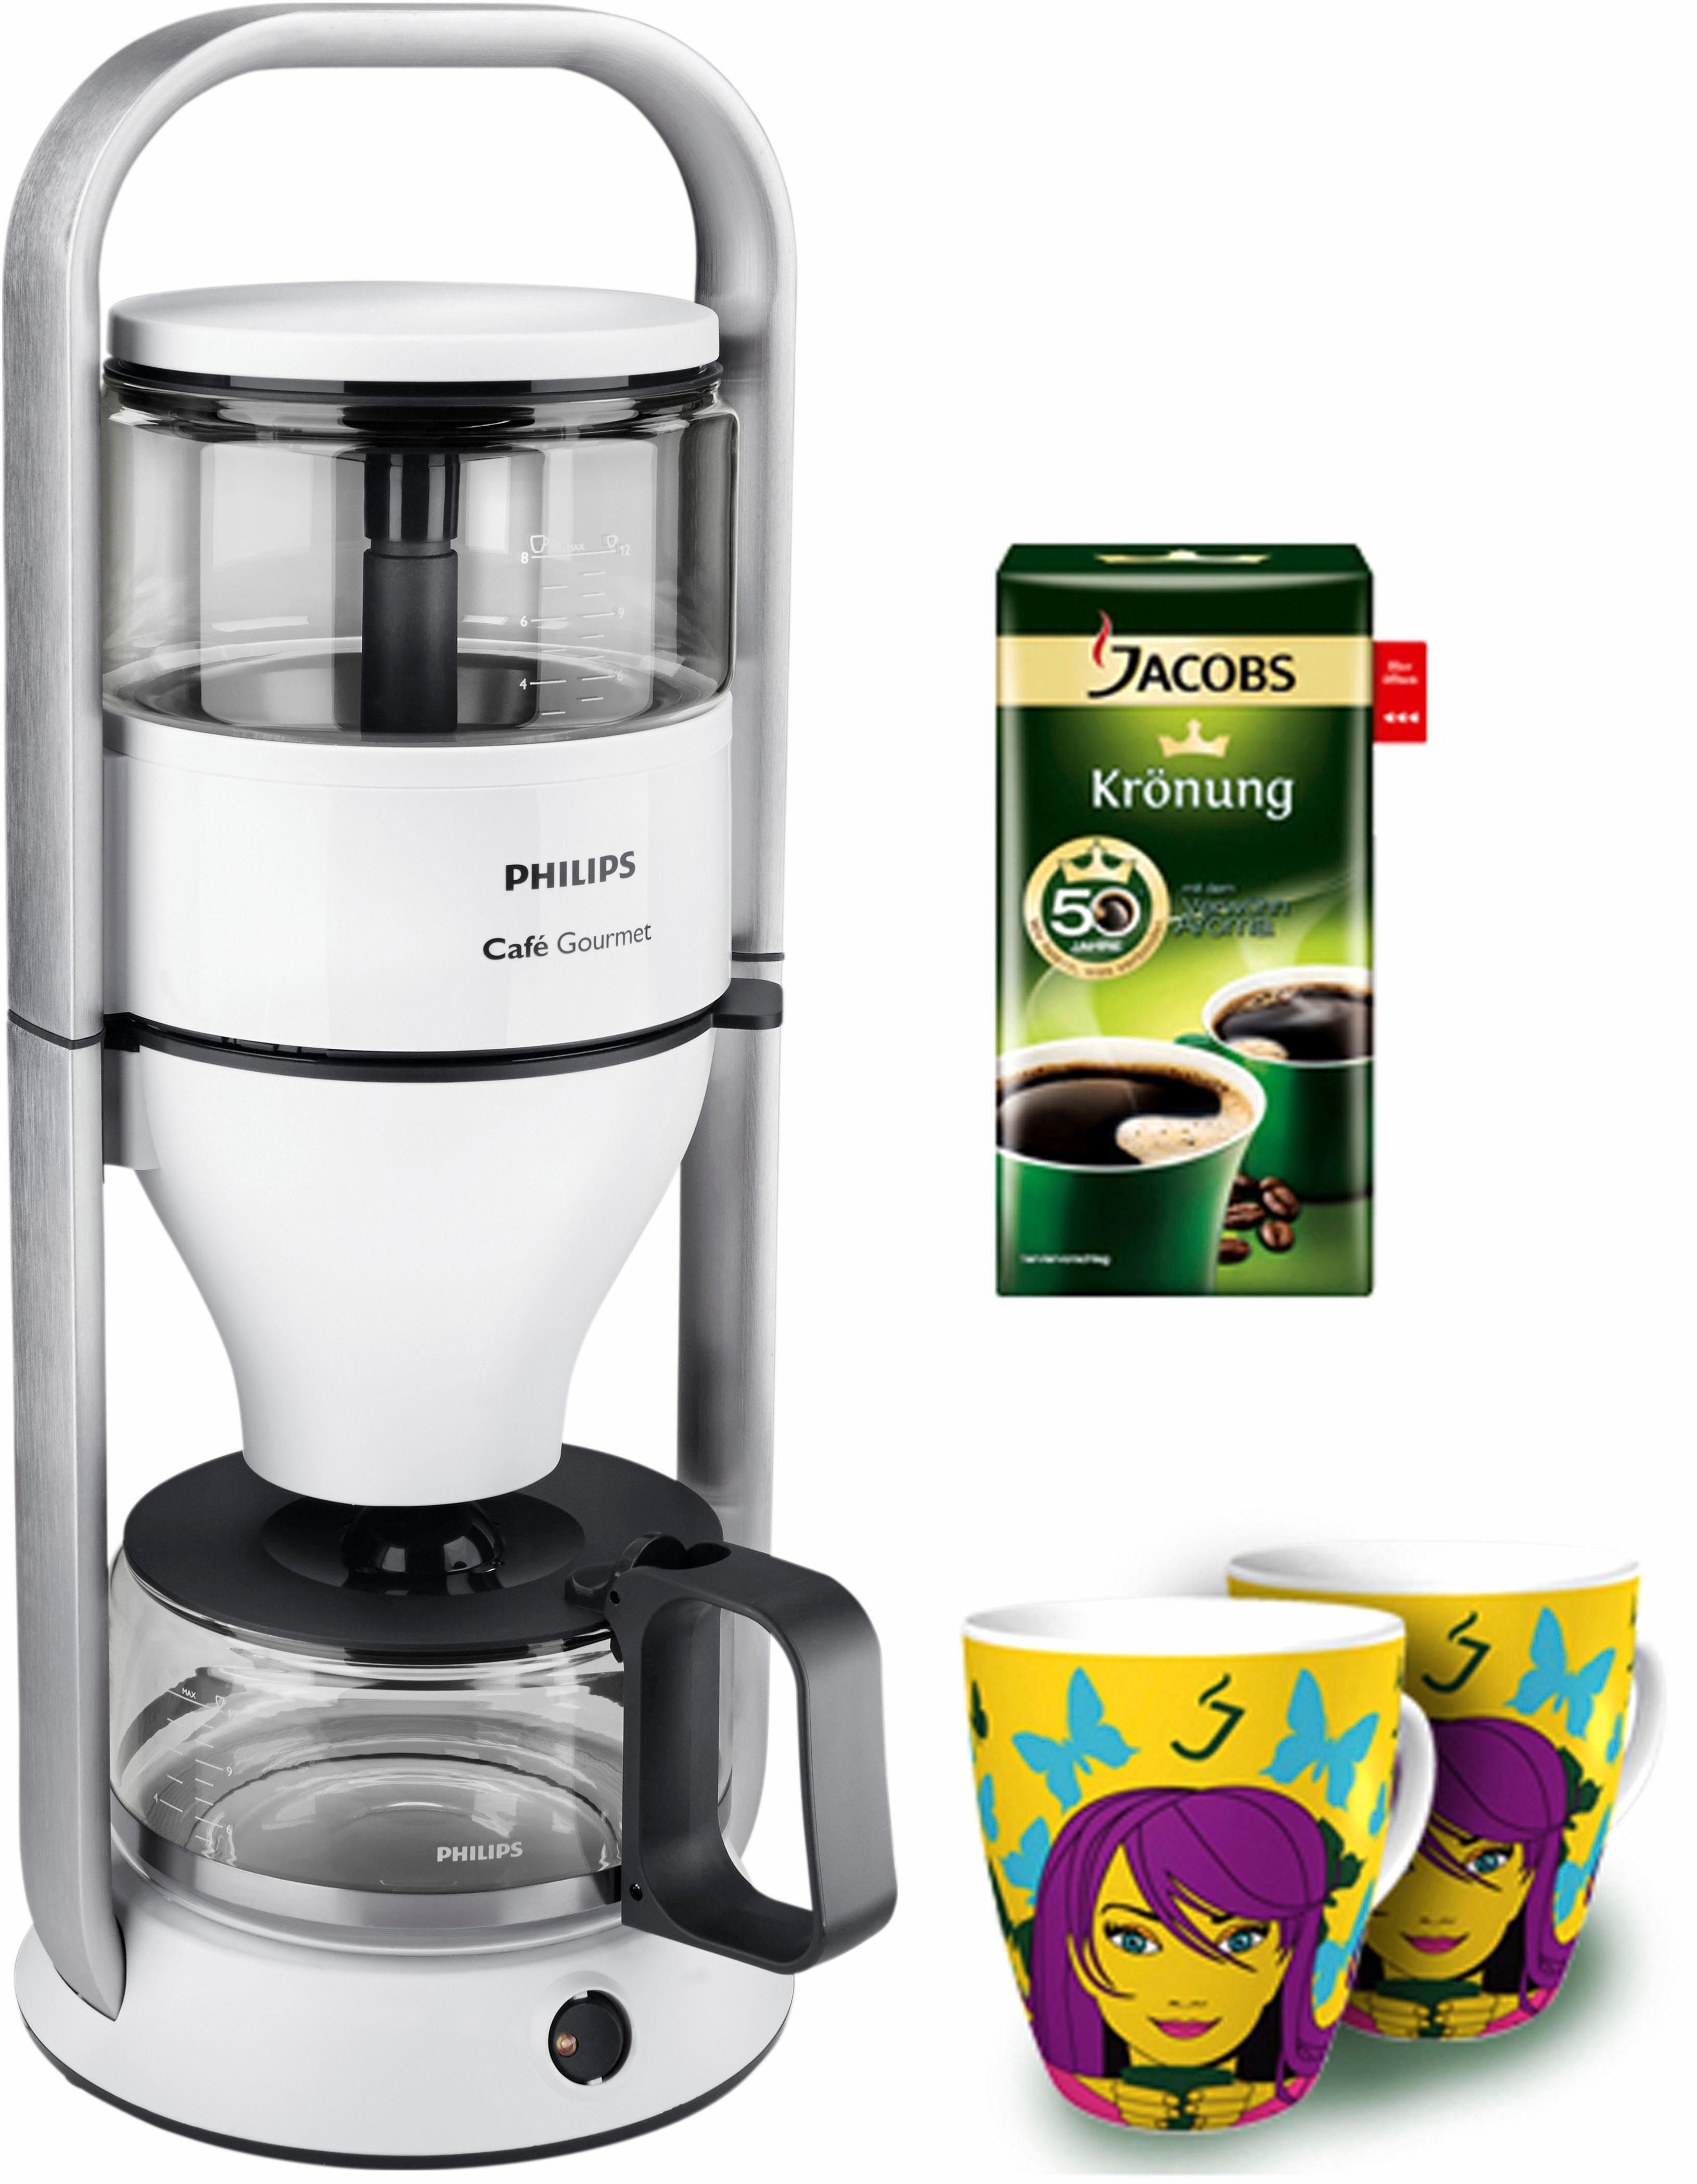 Philips Kaffeemaschine HD5407/10 New Café Gourmet, Gratis 2 Ritzenhoff Becher und 250gr. Jacobs Krönung Kaffee bei Onlineregistrierung